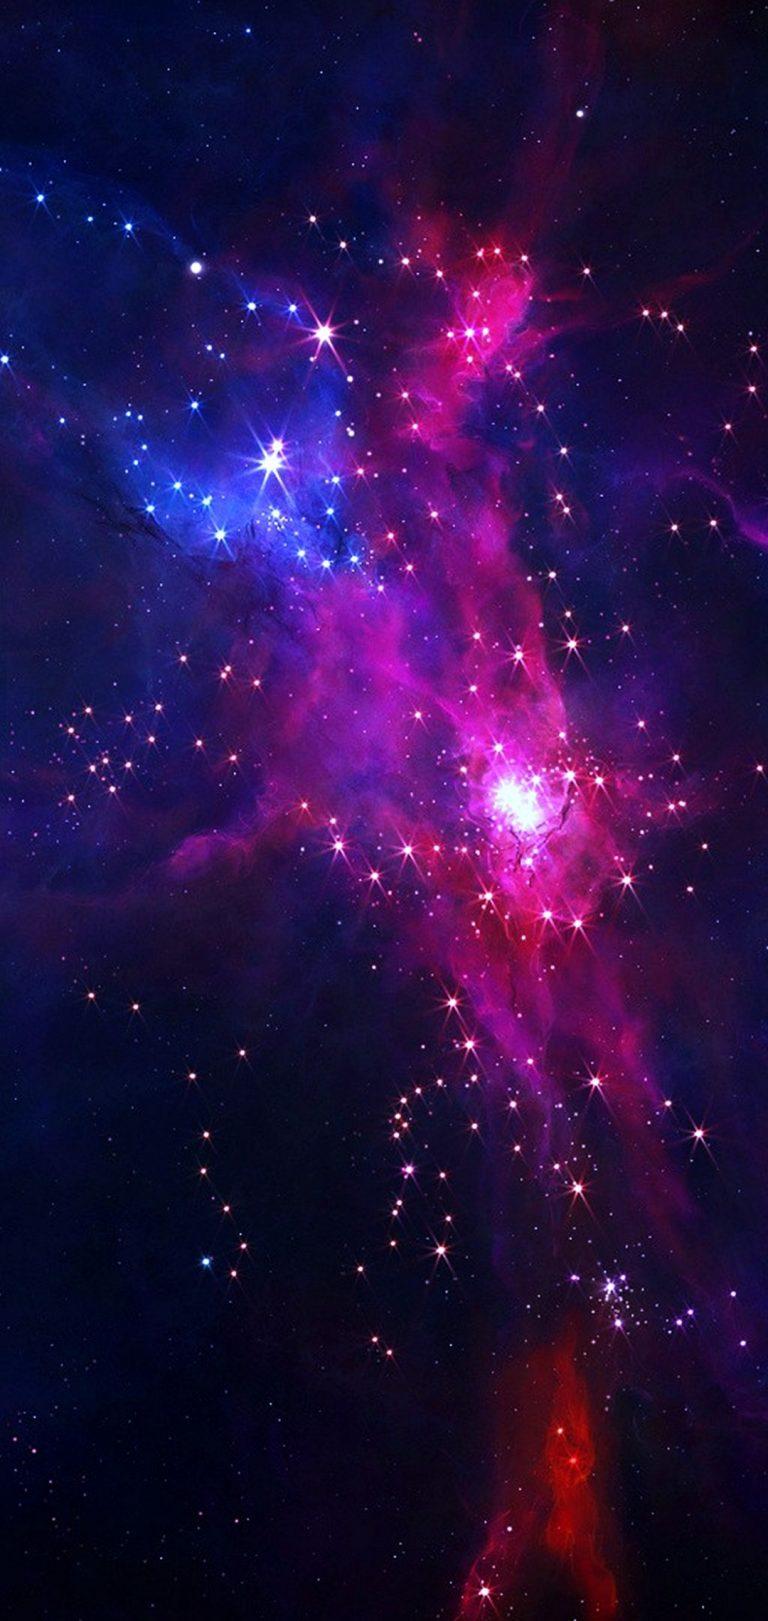 Galaxy Colors Wallpaper 1080x2280 768x1621